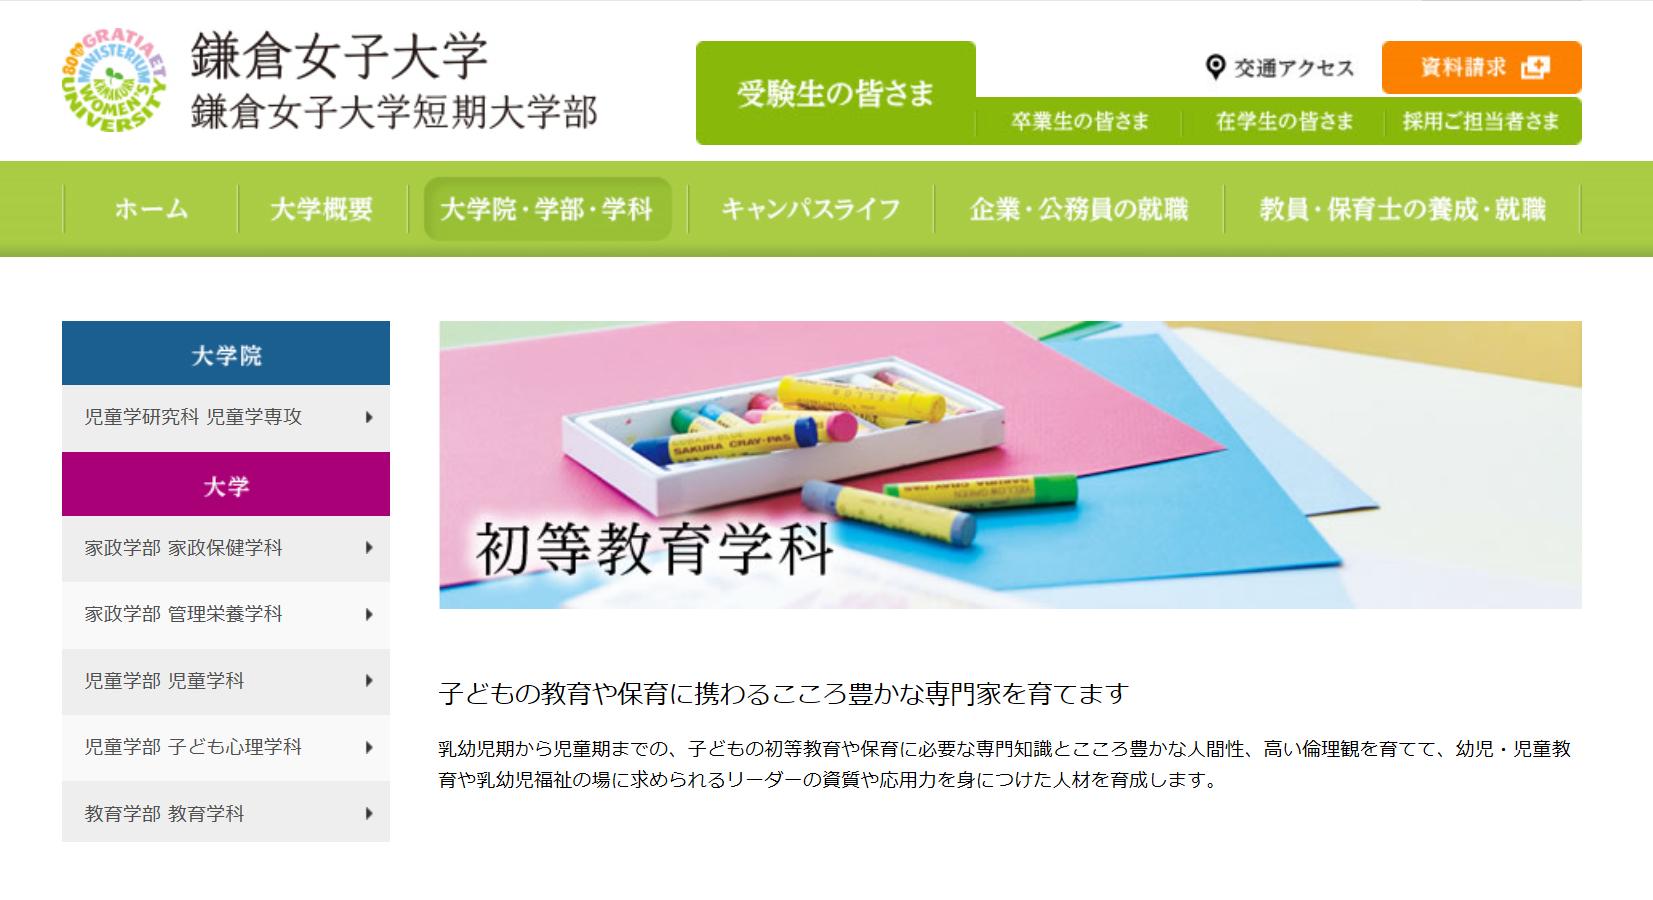 鎌倉女子大学の評判・口コミ【短期大学部編】